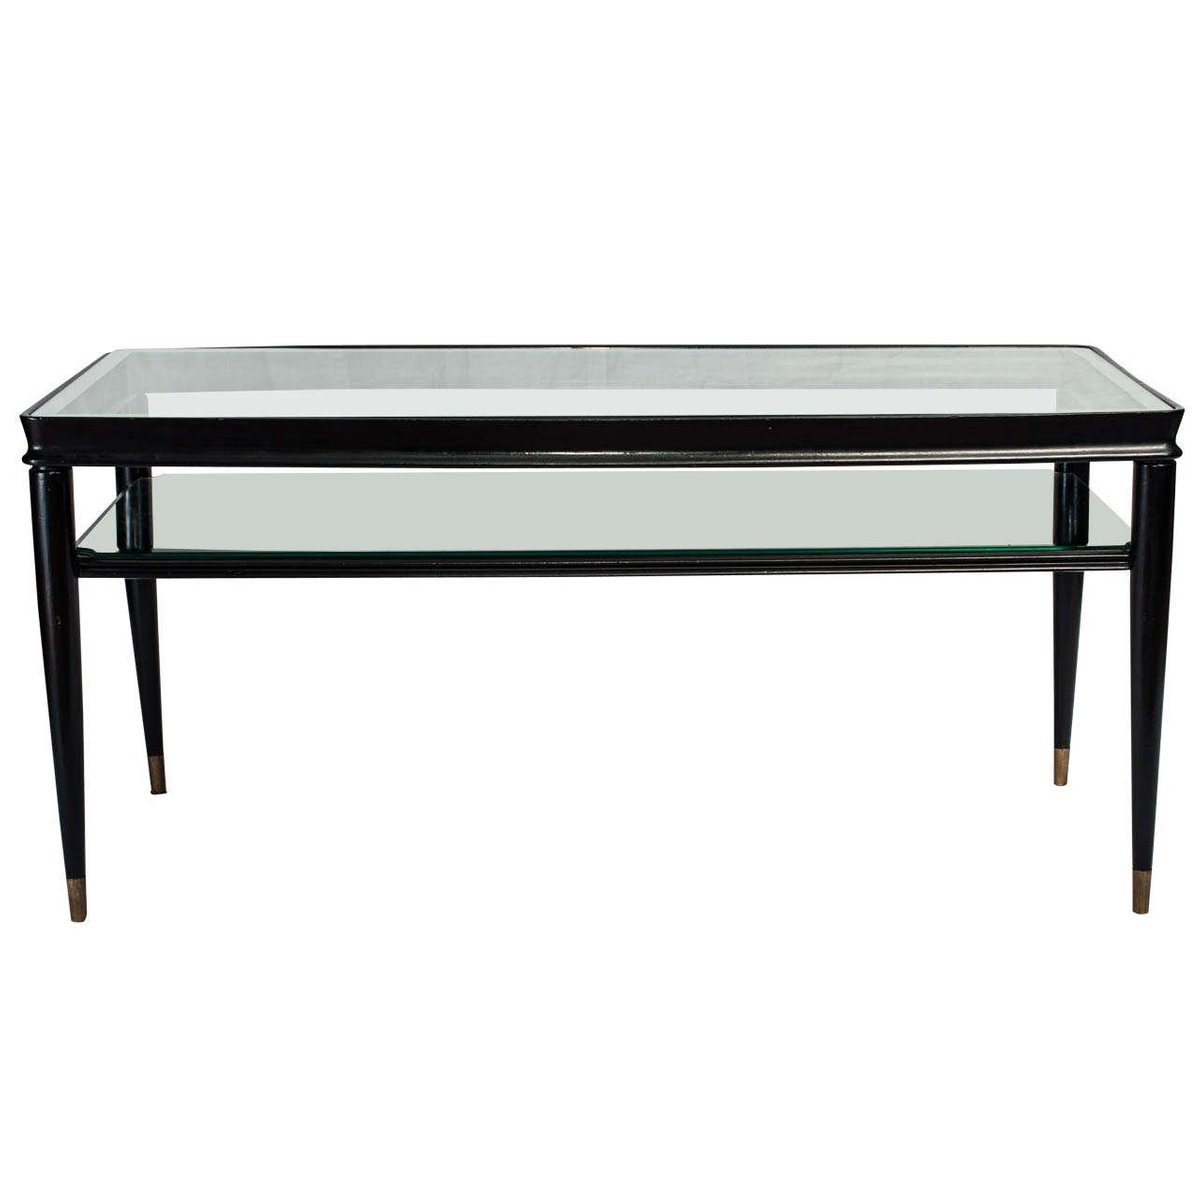 schwarz lackierter italienischer vintage tisch bei pamono. Black Bedroom Furniture Sets. Home Design Ideas